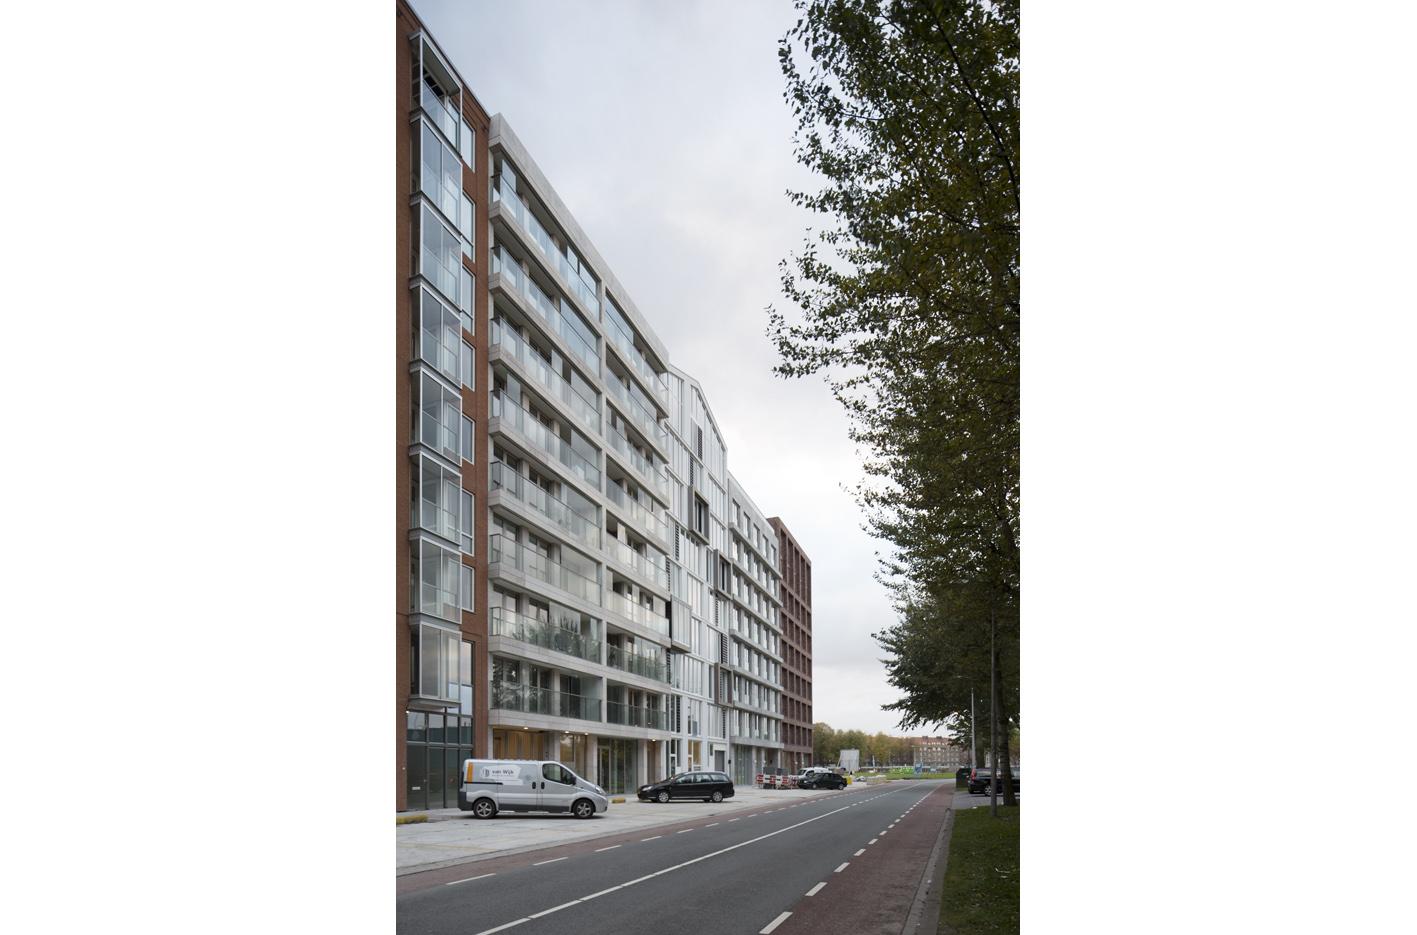 Atelier PUUUR BLOK straatbeeld wand HAPRANDAWEG Houthaven Amsterdam CO zelfbouw